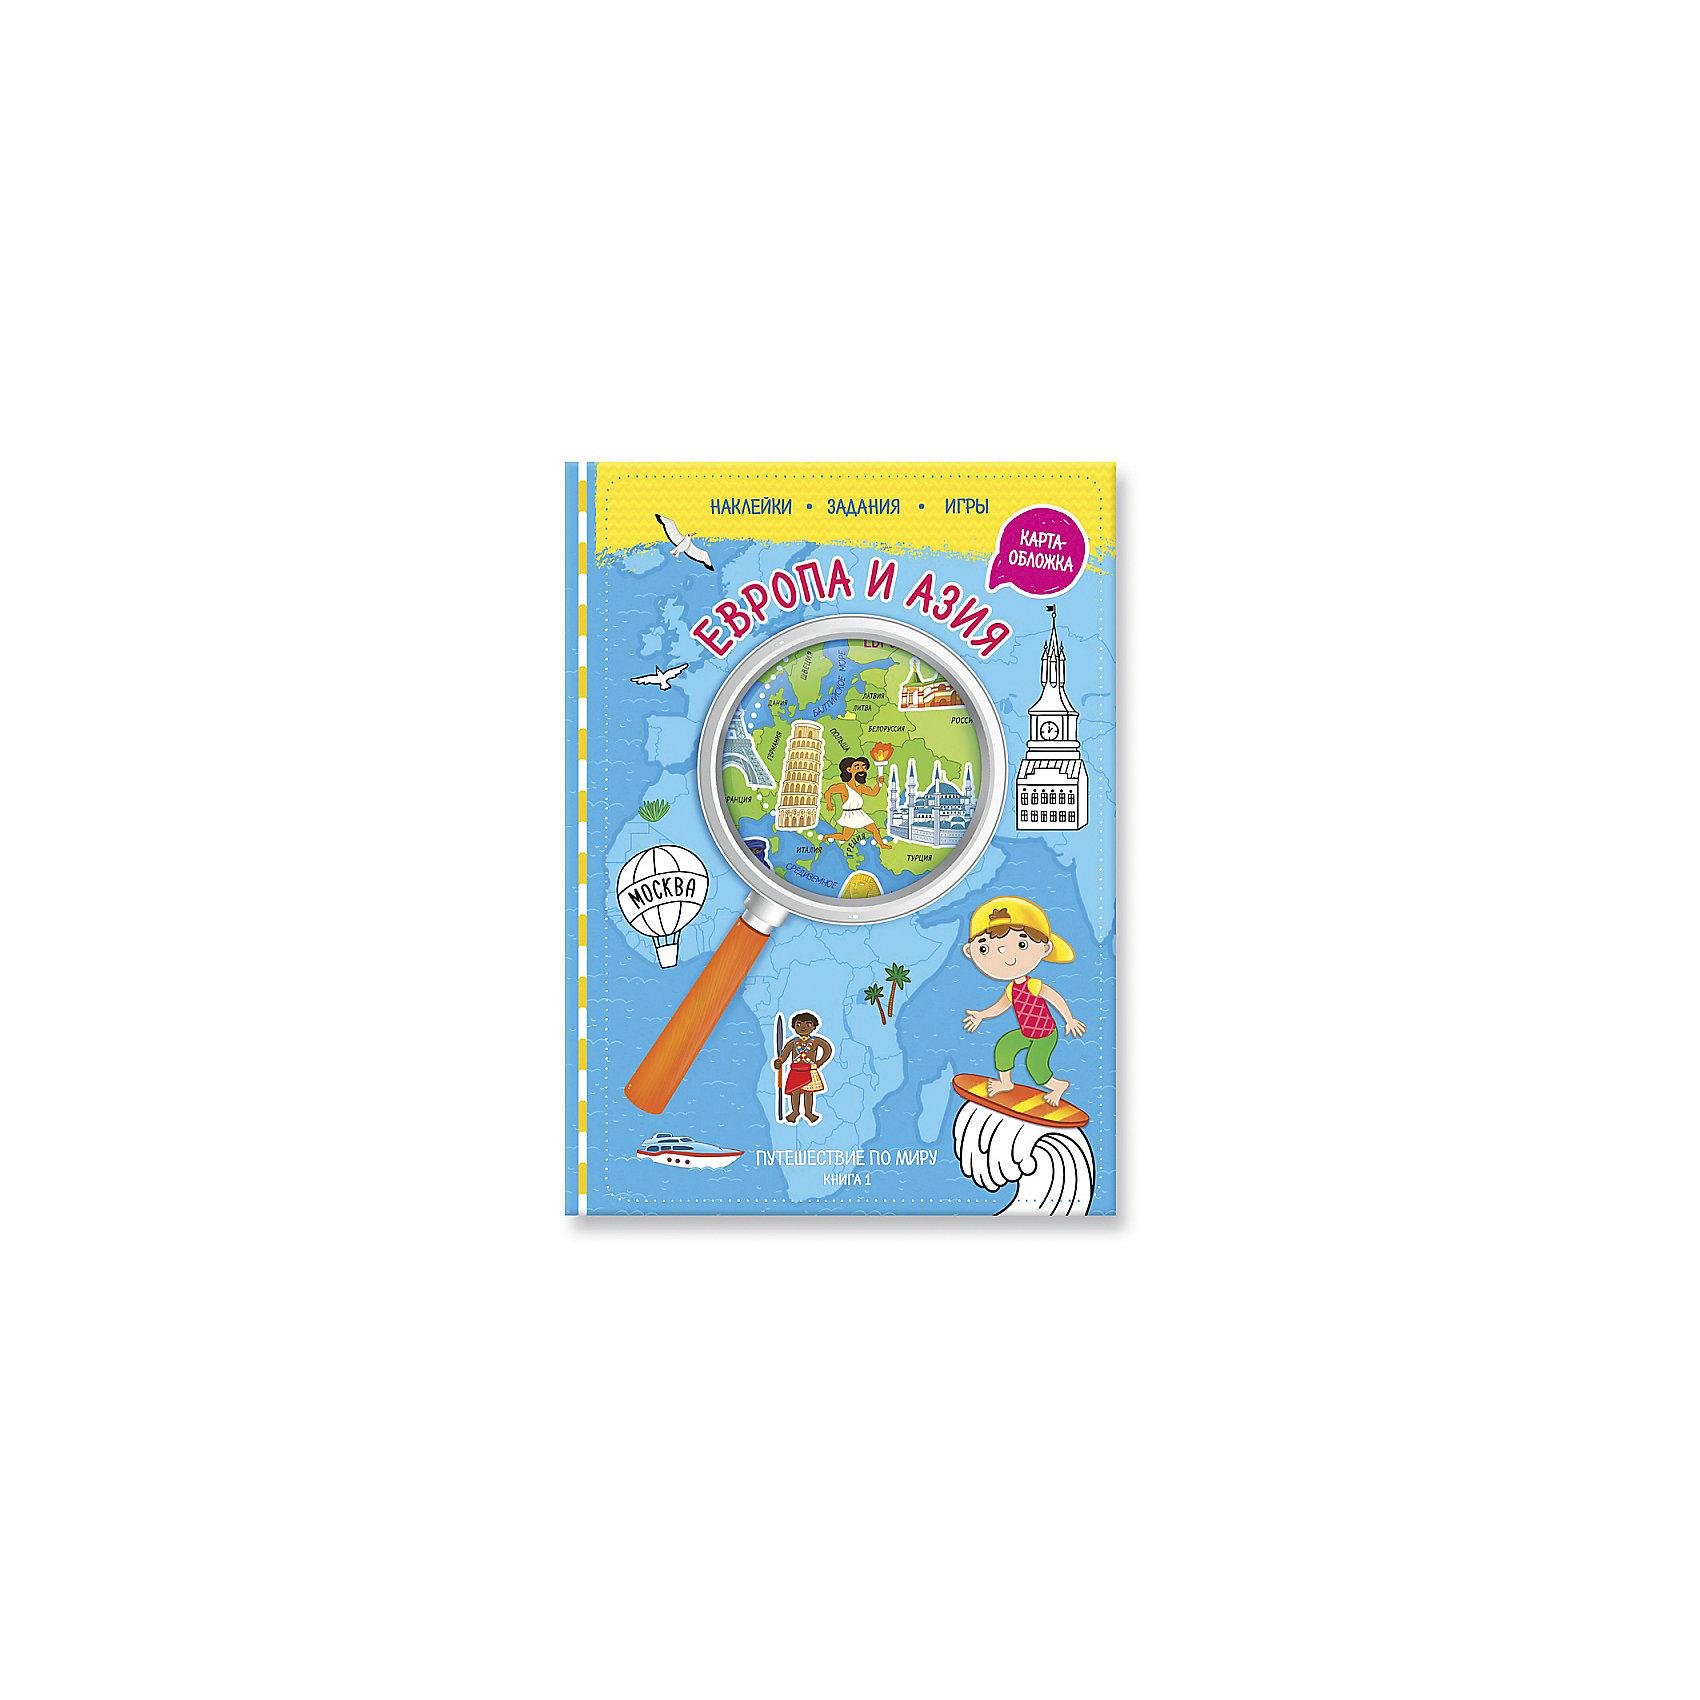 Книга 1 Европа и Азия с наклейками (+ карта мира), Путешествуй по мируИздательство Геодом<br>Характеристики товара:<br><br>• материал обложки: картон <br>• возраст: от 6 лет<br>• ISBN: 4607177453583<br>• в комплект входит: книга, наклейки, карта<br>• количество страниц: 32<br>• тип обложки: твёрдая<br>• иллюстрации: цветные<br>• габариты упаковки: 21,0х28,7х0,5 см<br>• вес: 102 г<br>• страна производитель: Россия<br><br>Познакомьте ребёнка с книгой из новой серии «Путешествуй по миру».<br>Яркие иллюстрации, познавательные факты, интересные задания, мини-игры и наклейки помогут деткам исследовать удивительную старинную Европу и загадочную Азию.<br><br>А запланировать интересный маршрут путешествия можно с вложенным в книжку приятным бонусом – картой мира.<br><br>Книгу 1 Европа и Азия с наклейками (+ карта мира), Путешествуй по миру можно купить в нашем интернет-магазине.<br><br>Ширина мм: 210<br>Глубина мм: 287<br>Высота мм: 5<br>Вес г: 102<br>Возраст от месяцев: 72<br>Возраст до месяцев: 108<br>Пол: Унисекс<br>Возраст: Детский<br>SKU: 5423032